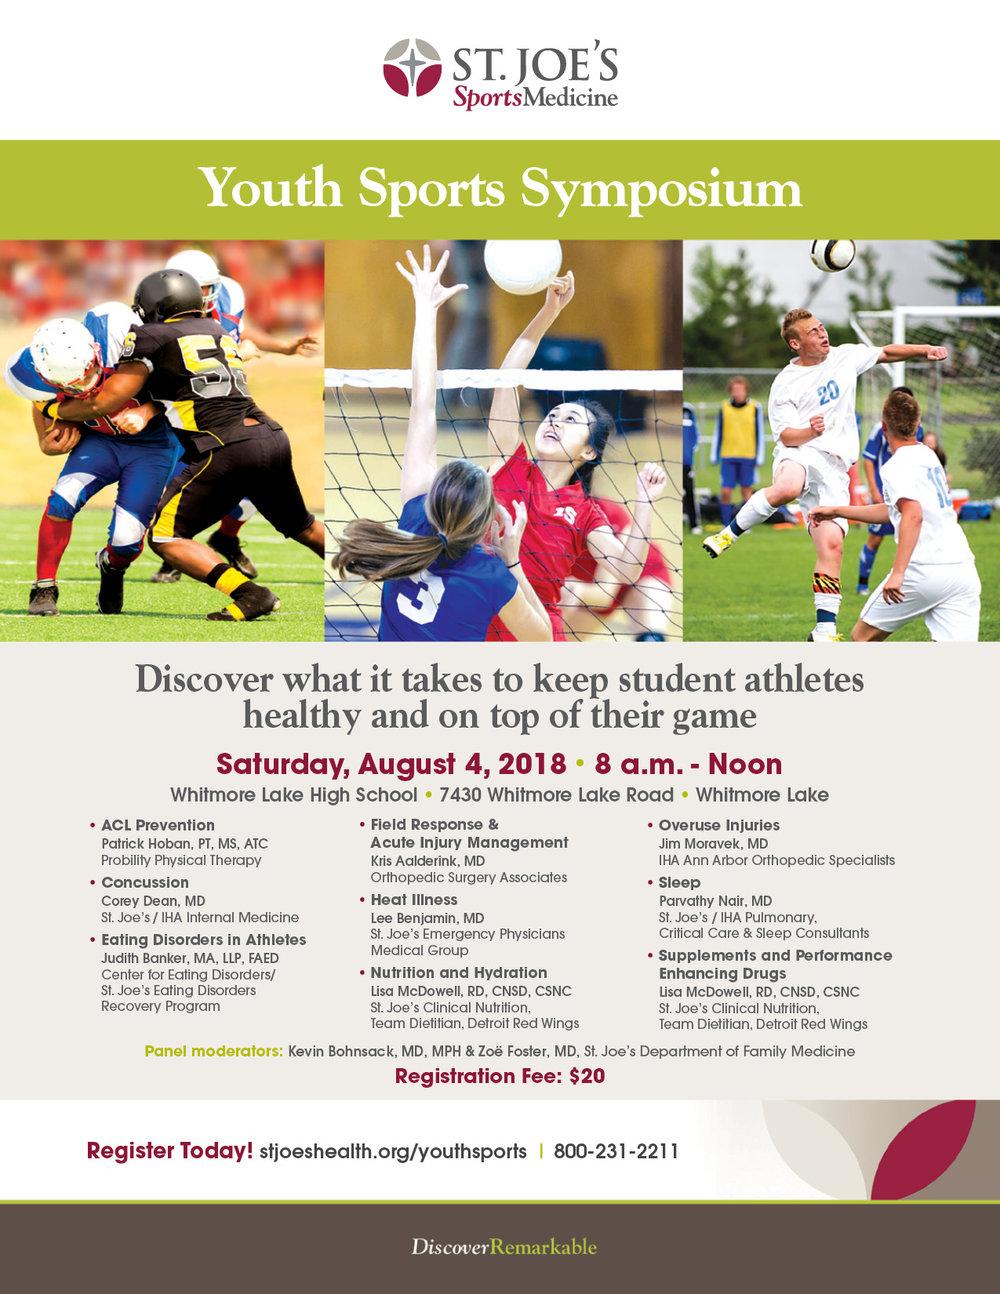 YouthSportsSymposiumFlyer(8.4.18).jpg